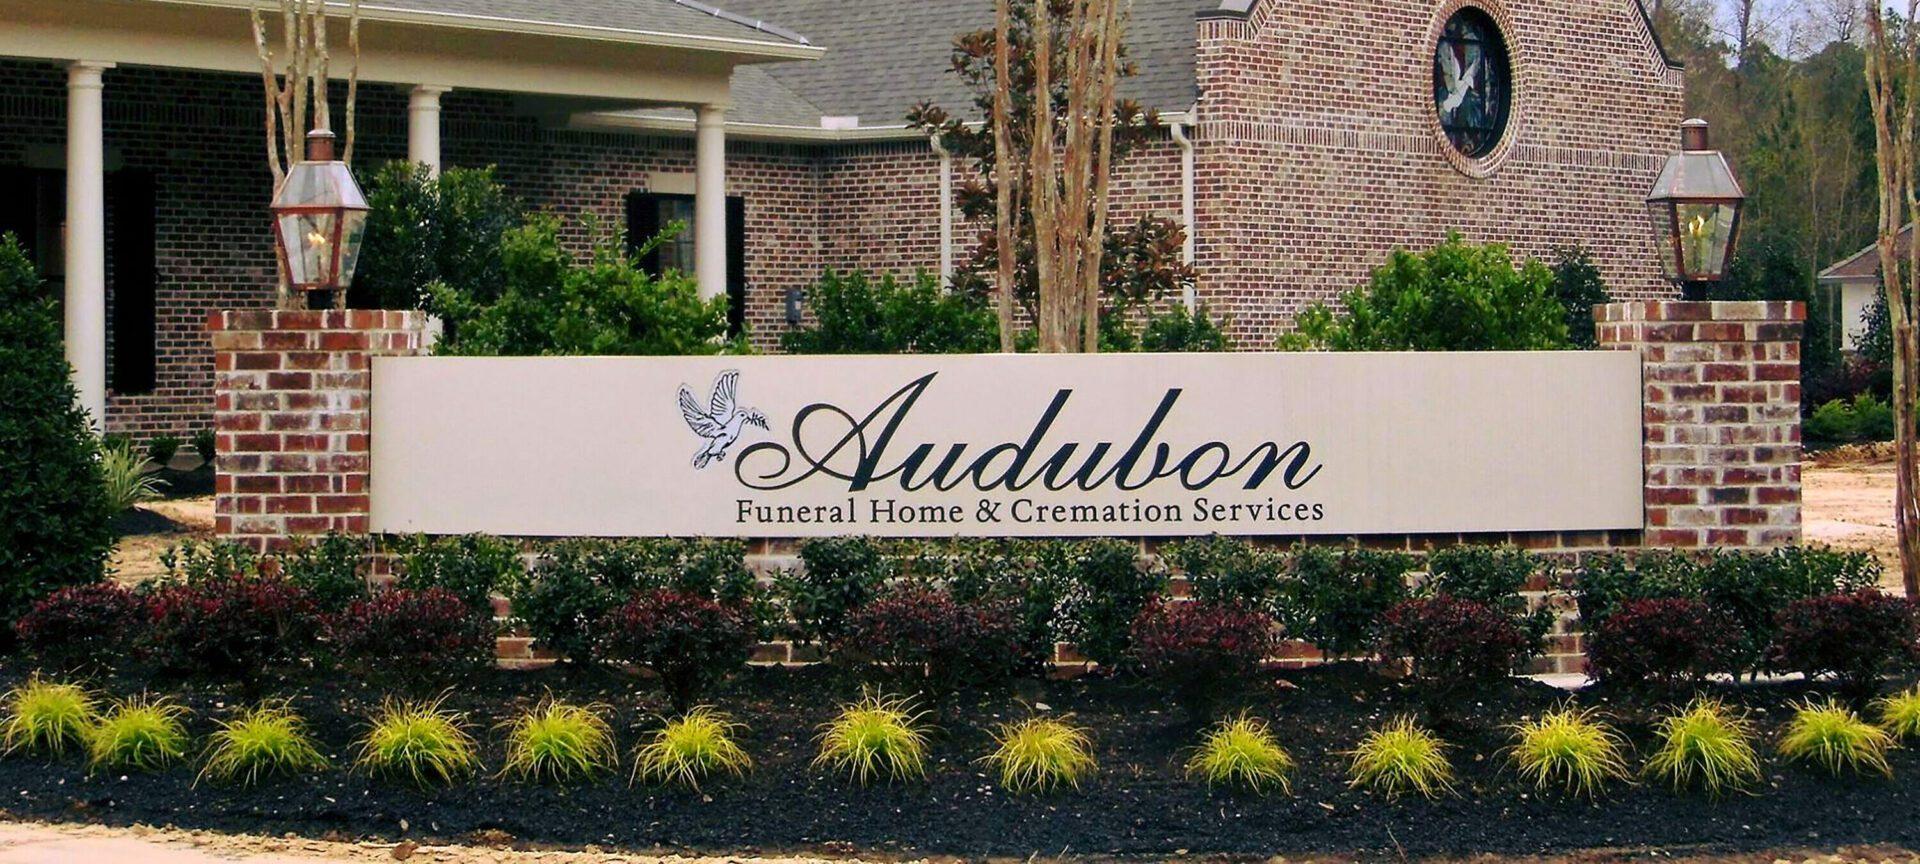 Audubon Building Signage SEI HQ